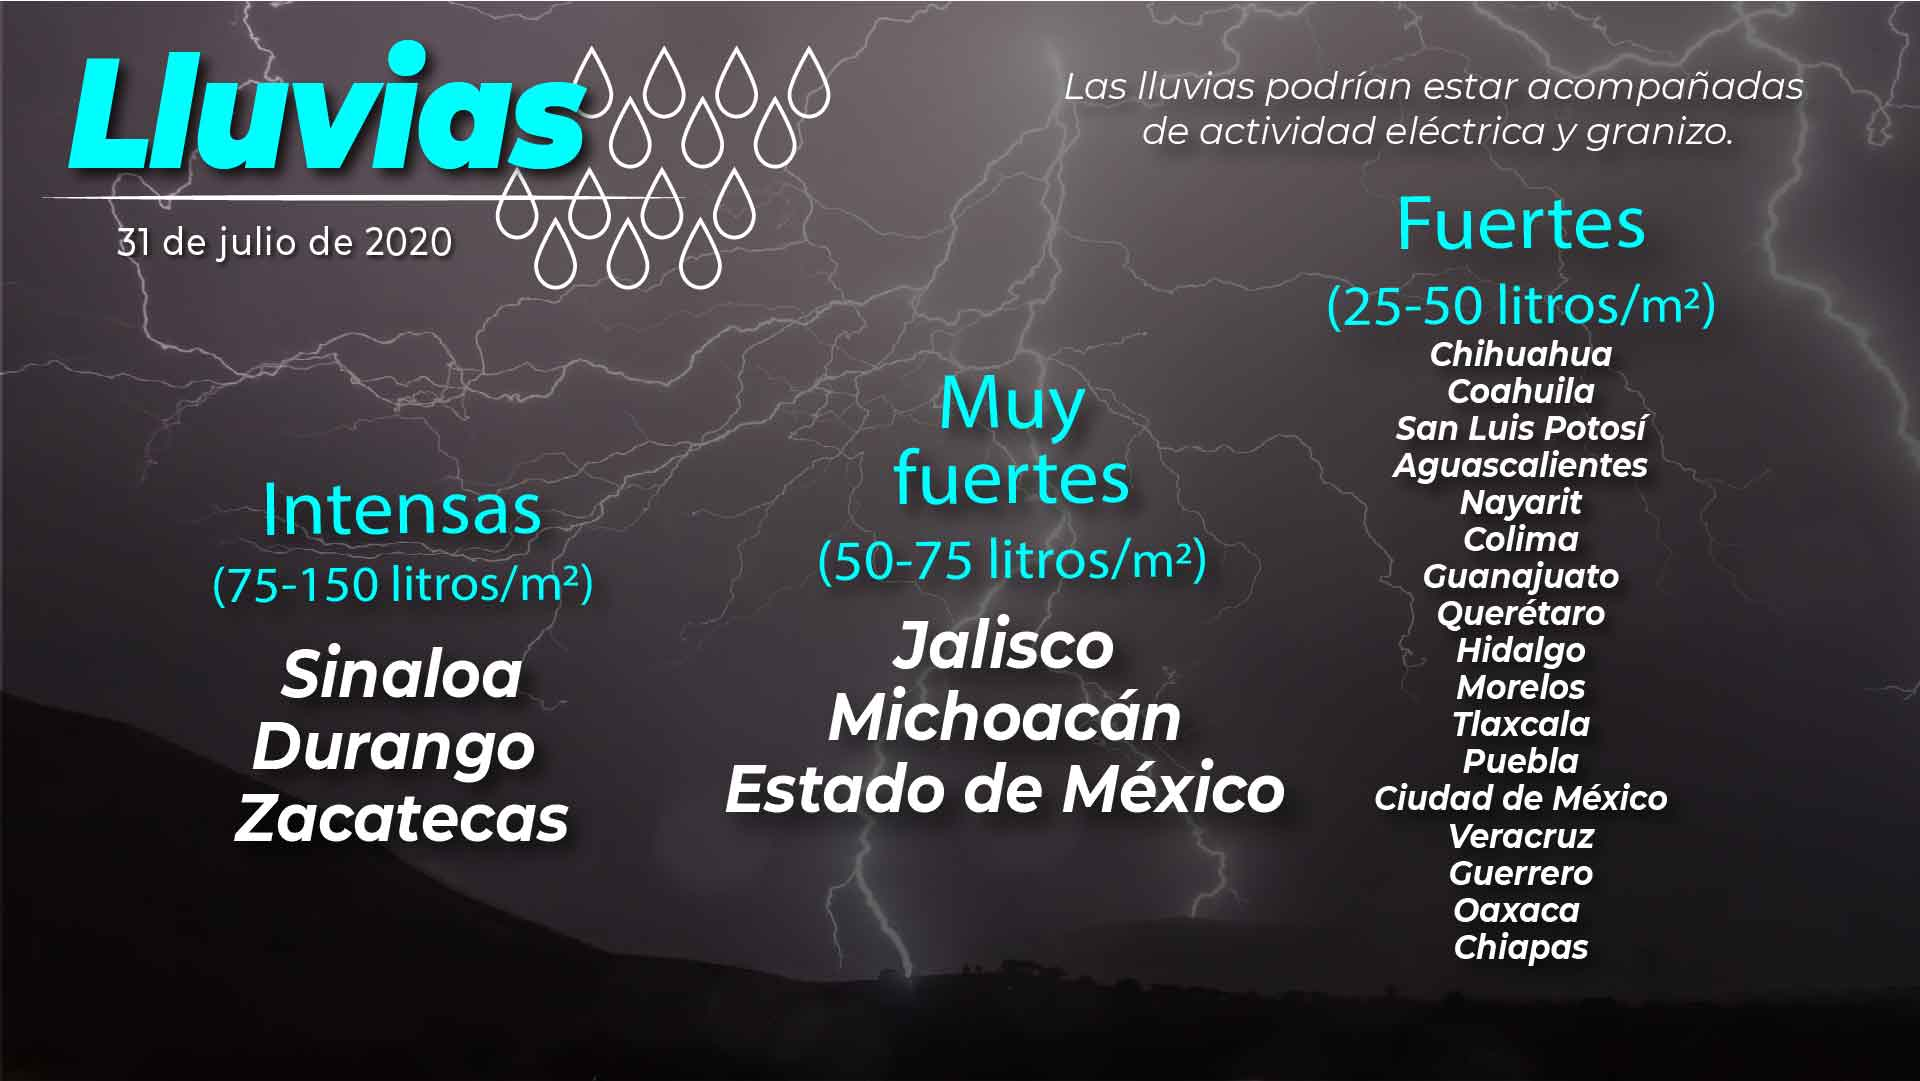 Se esperan lluvias fuertes para Tlaxcala el dia de hoy